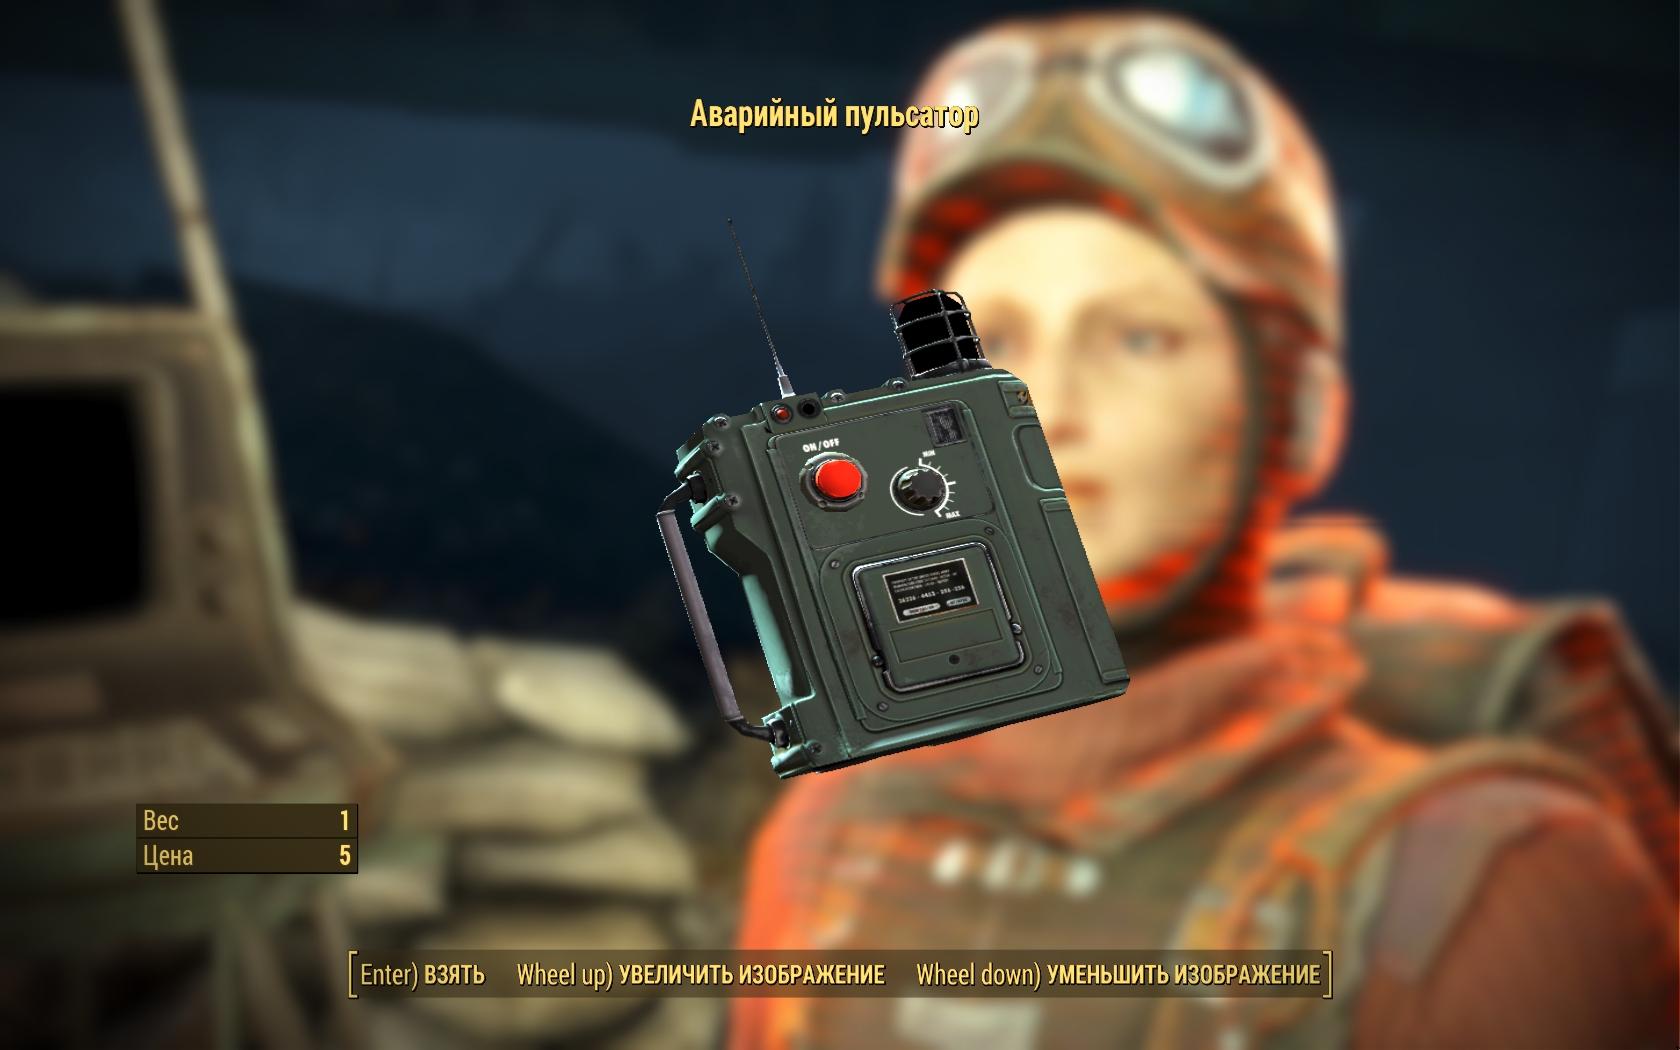 Аварийный пульсатор (Контрольная точка Эхо) - Fallout 4 Аварийный пульсатор, Братство, Братство Стали, Контрольная точка Эхо, пульсатор